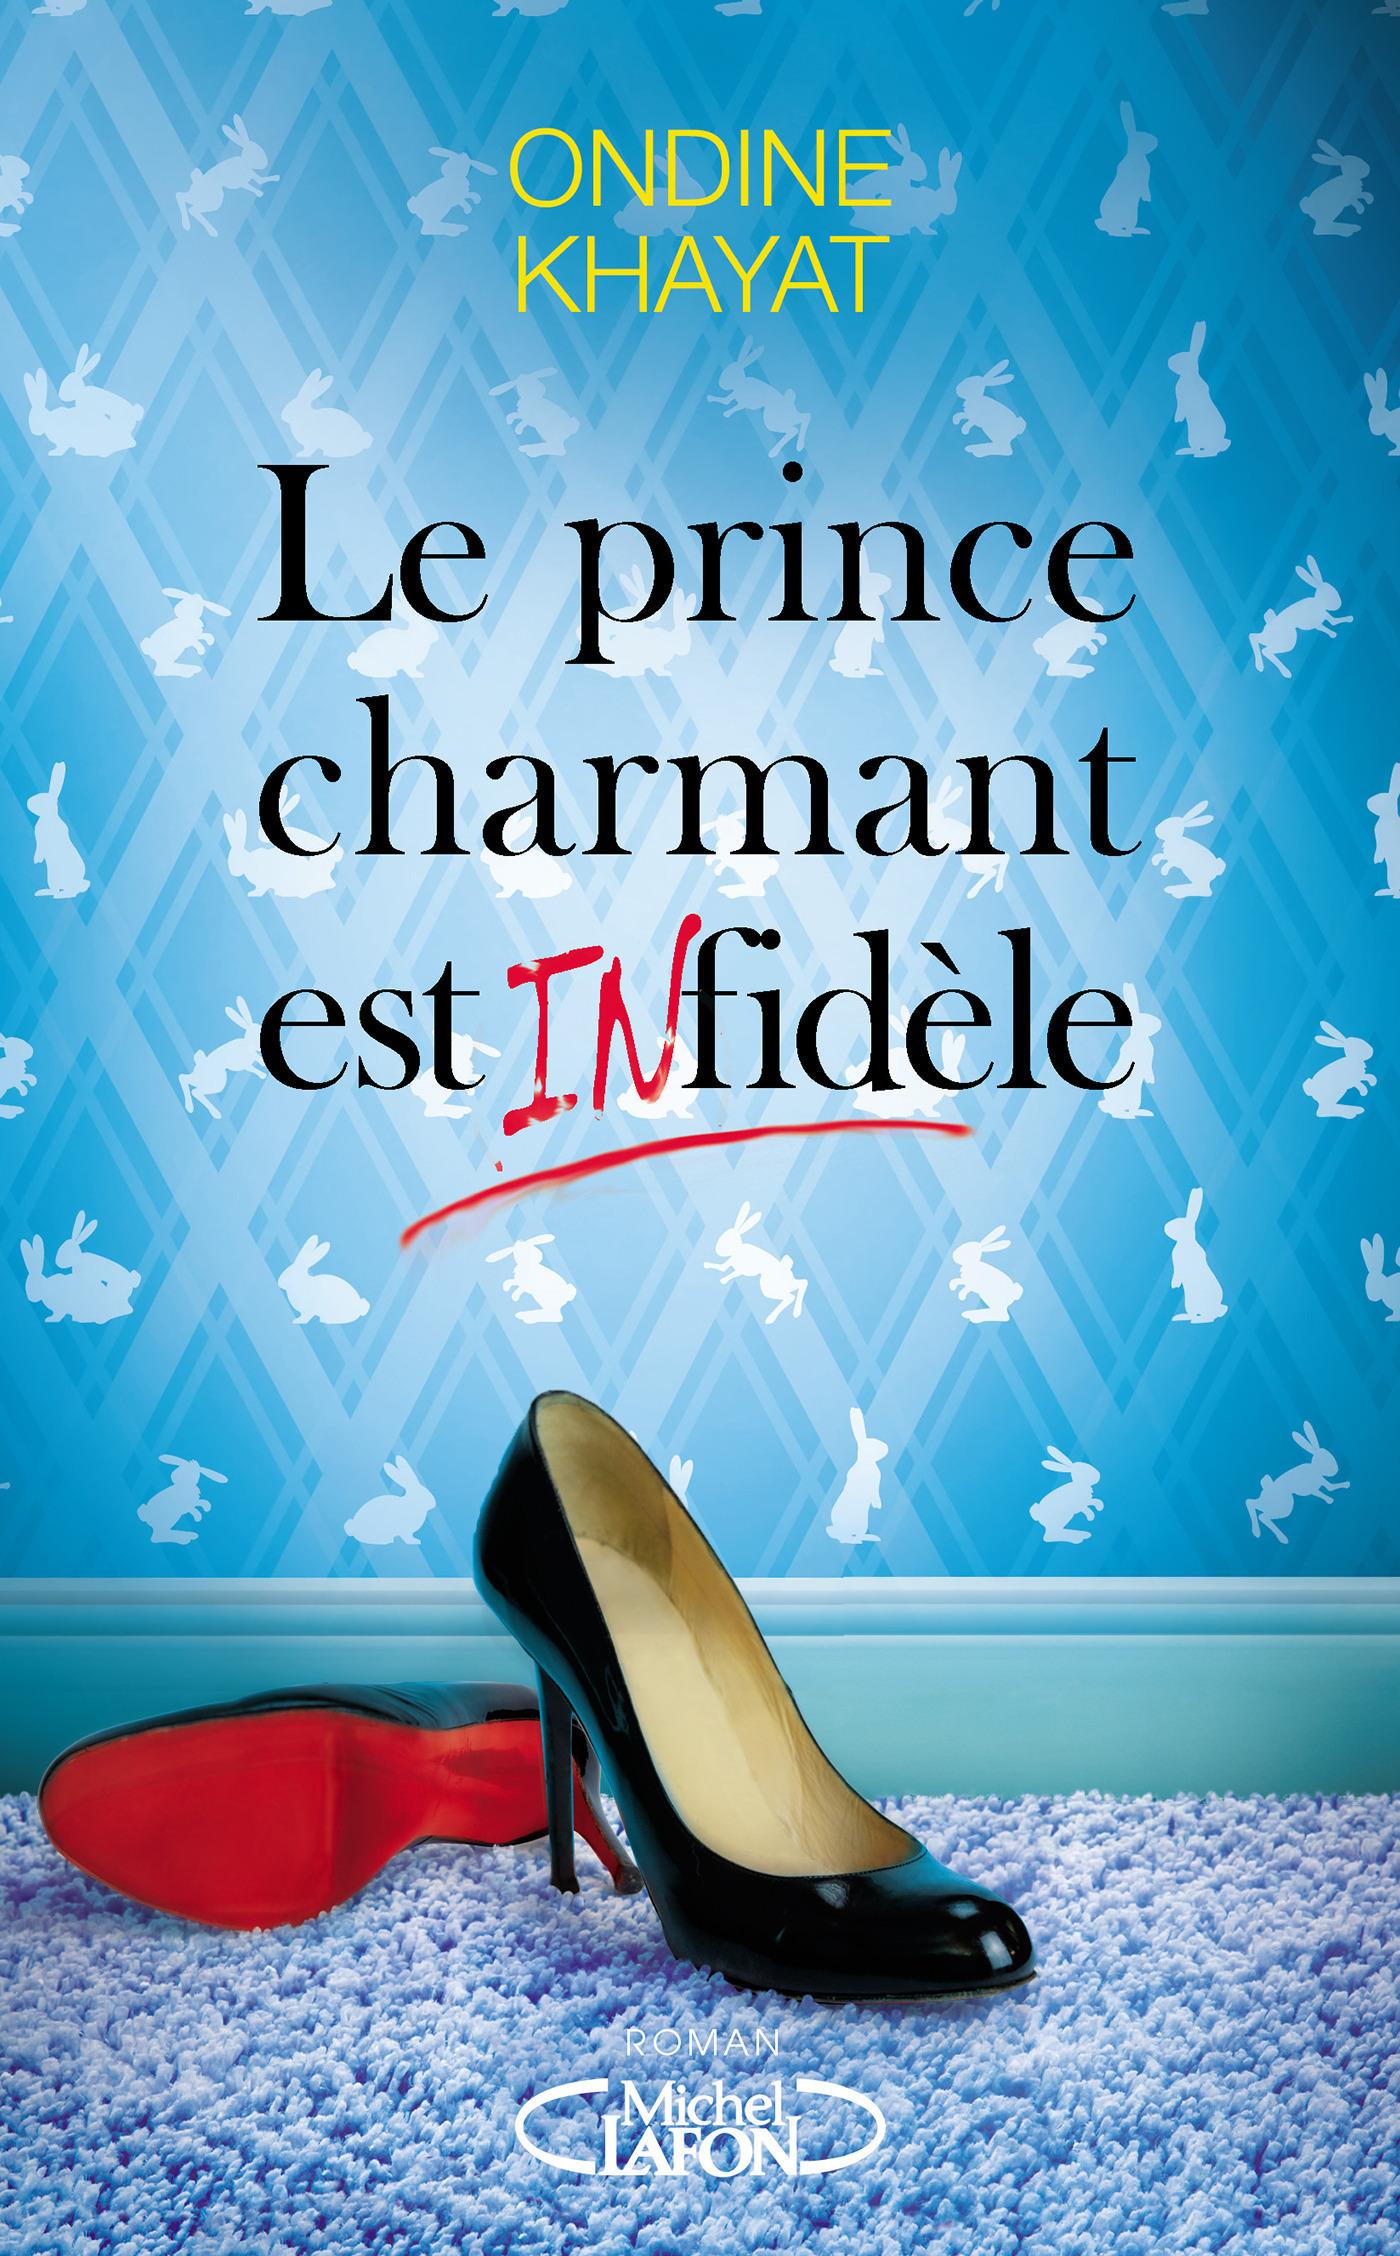 Le prince charmant est infidèle (ebook)